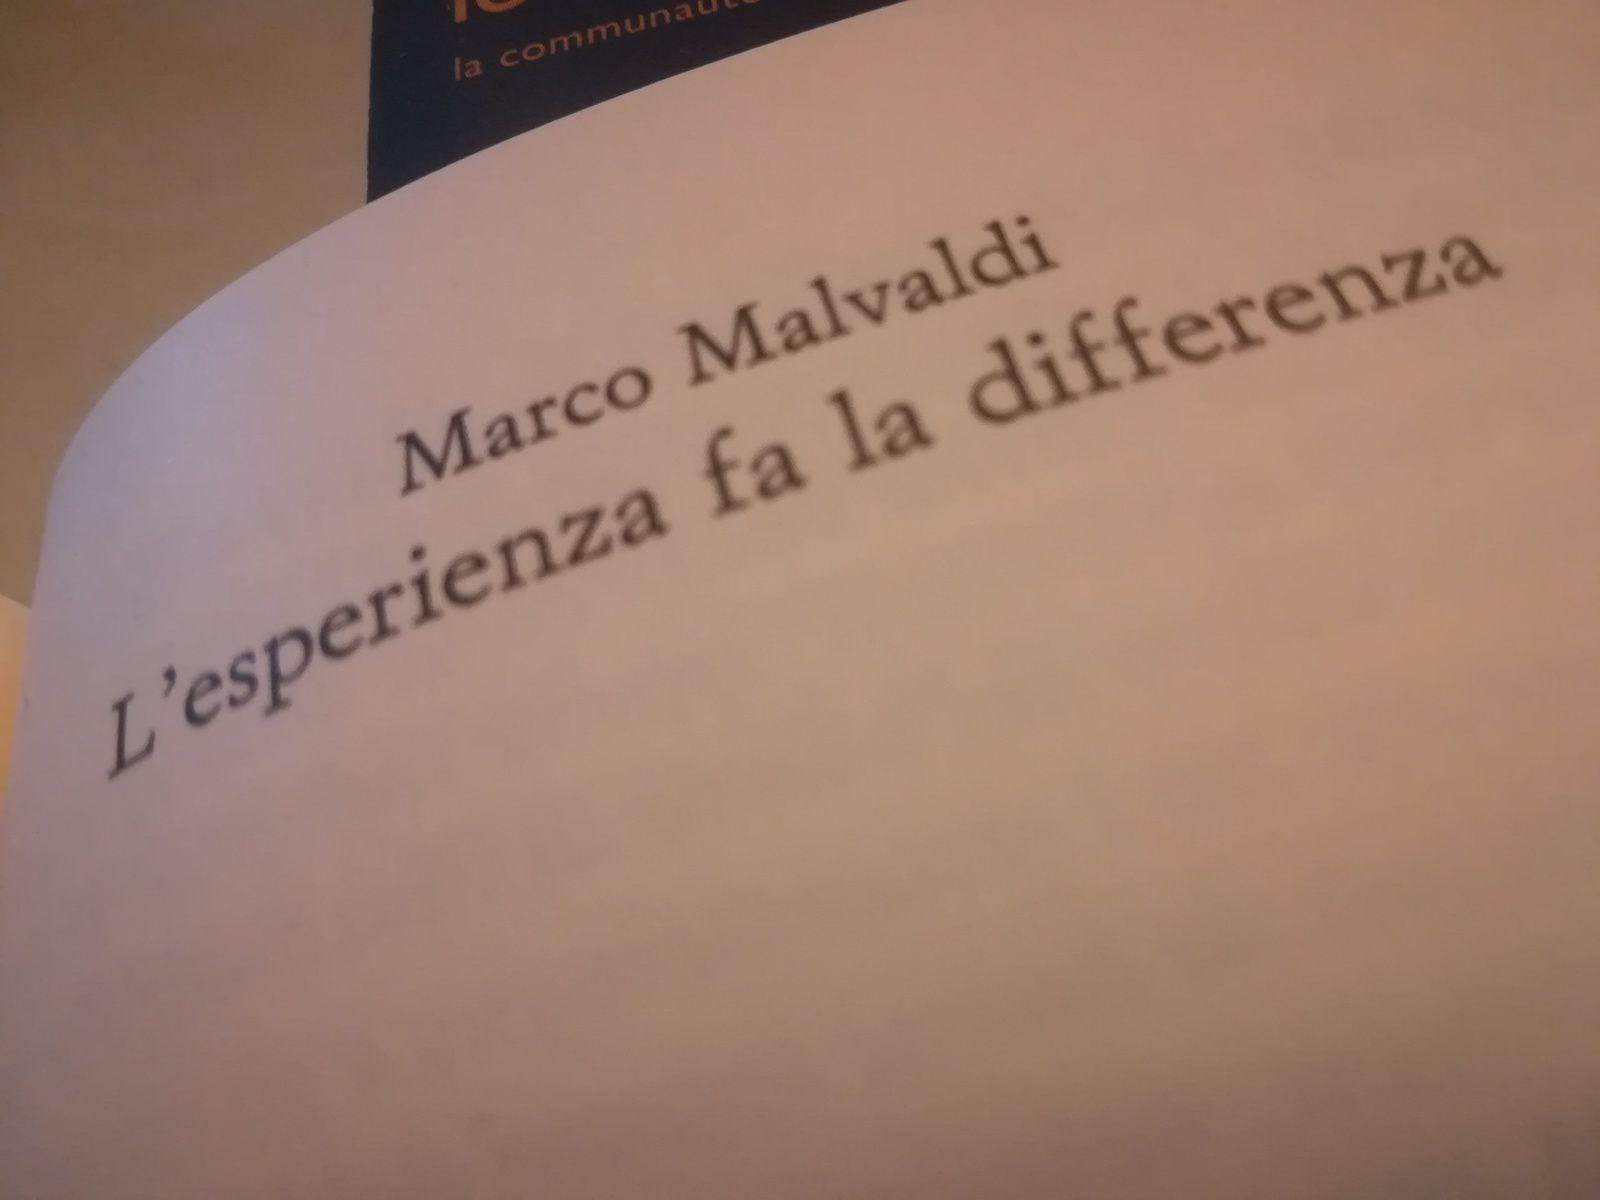 L'esperienza fa la differenza